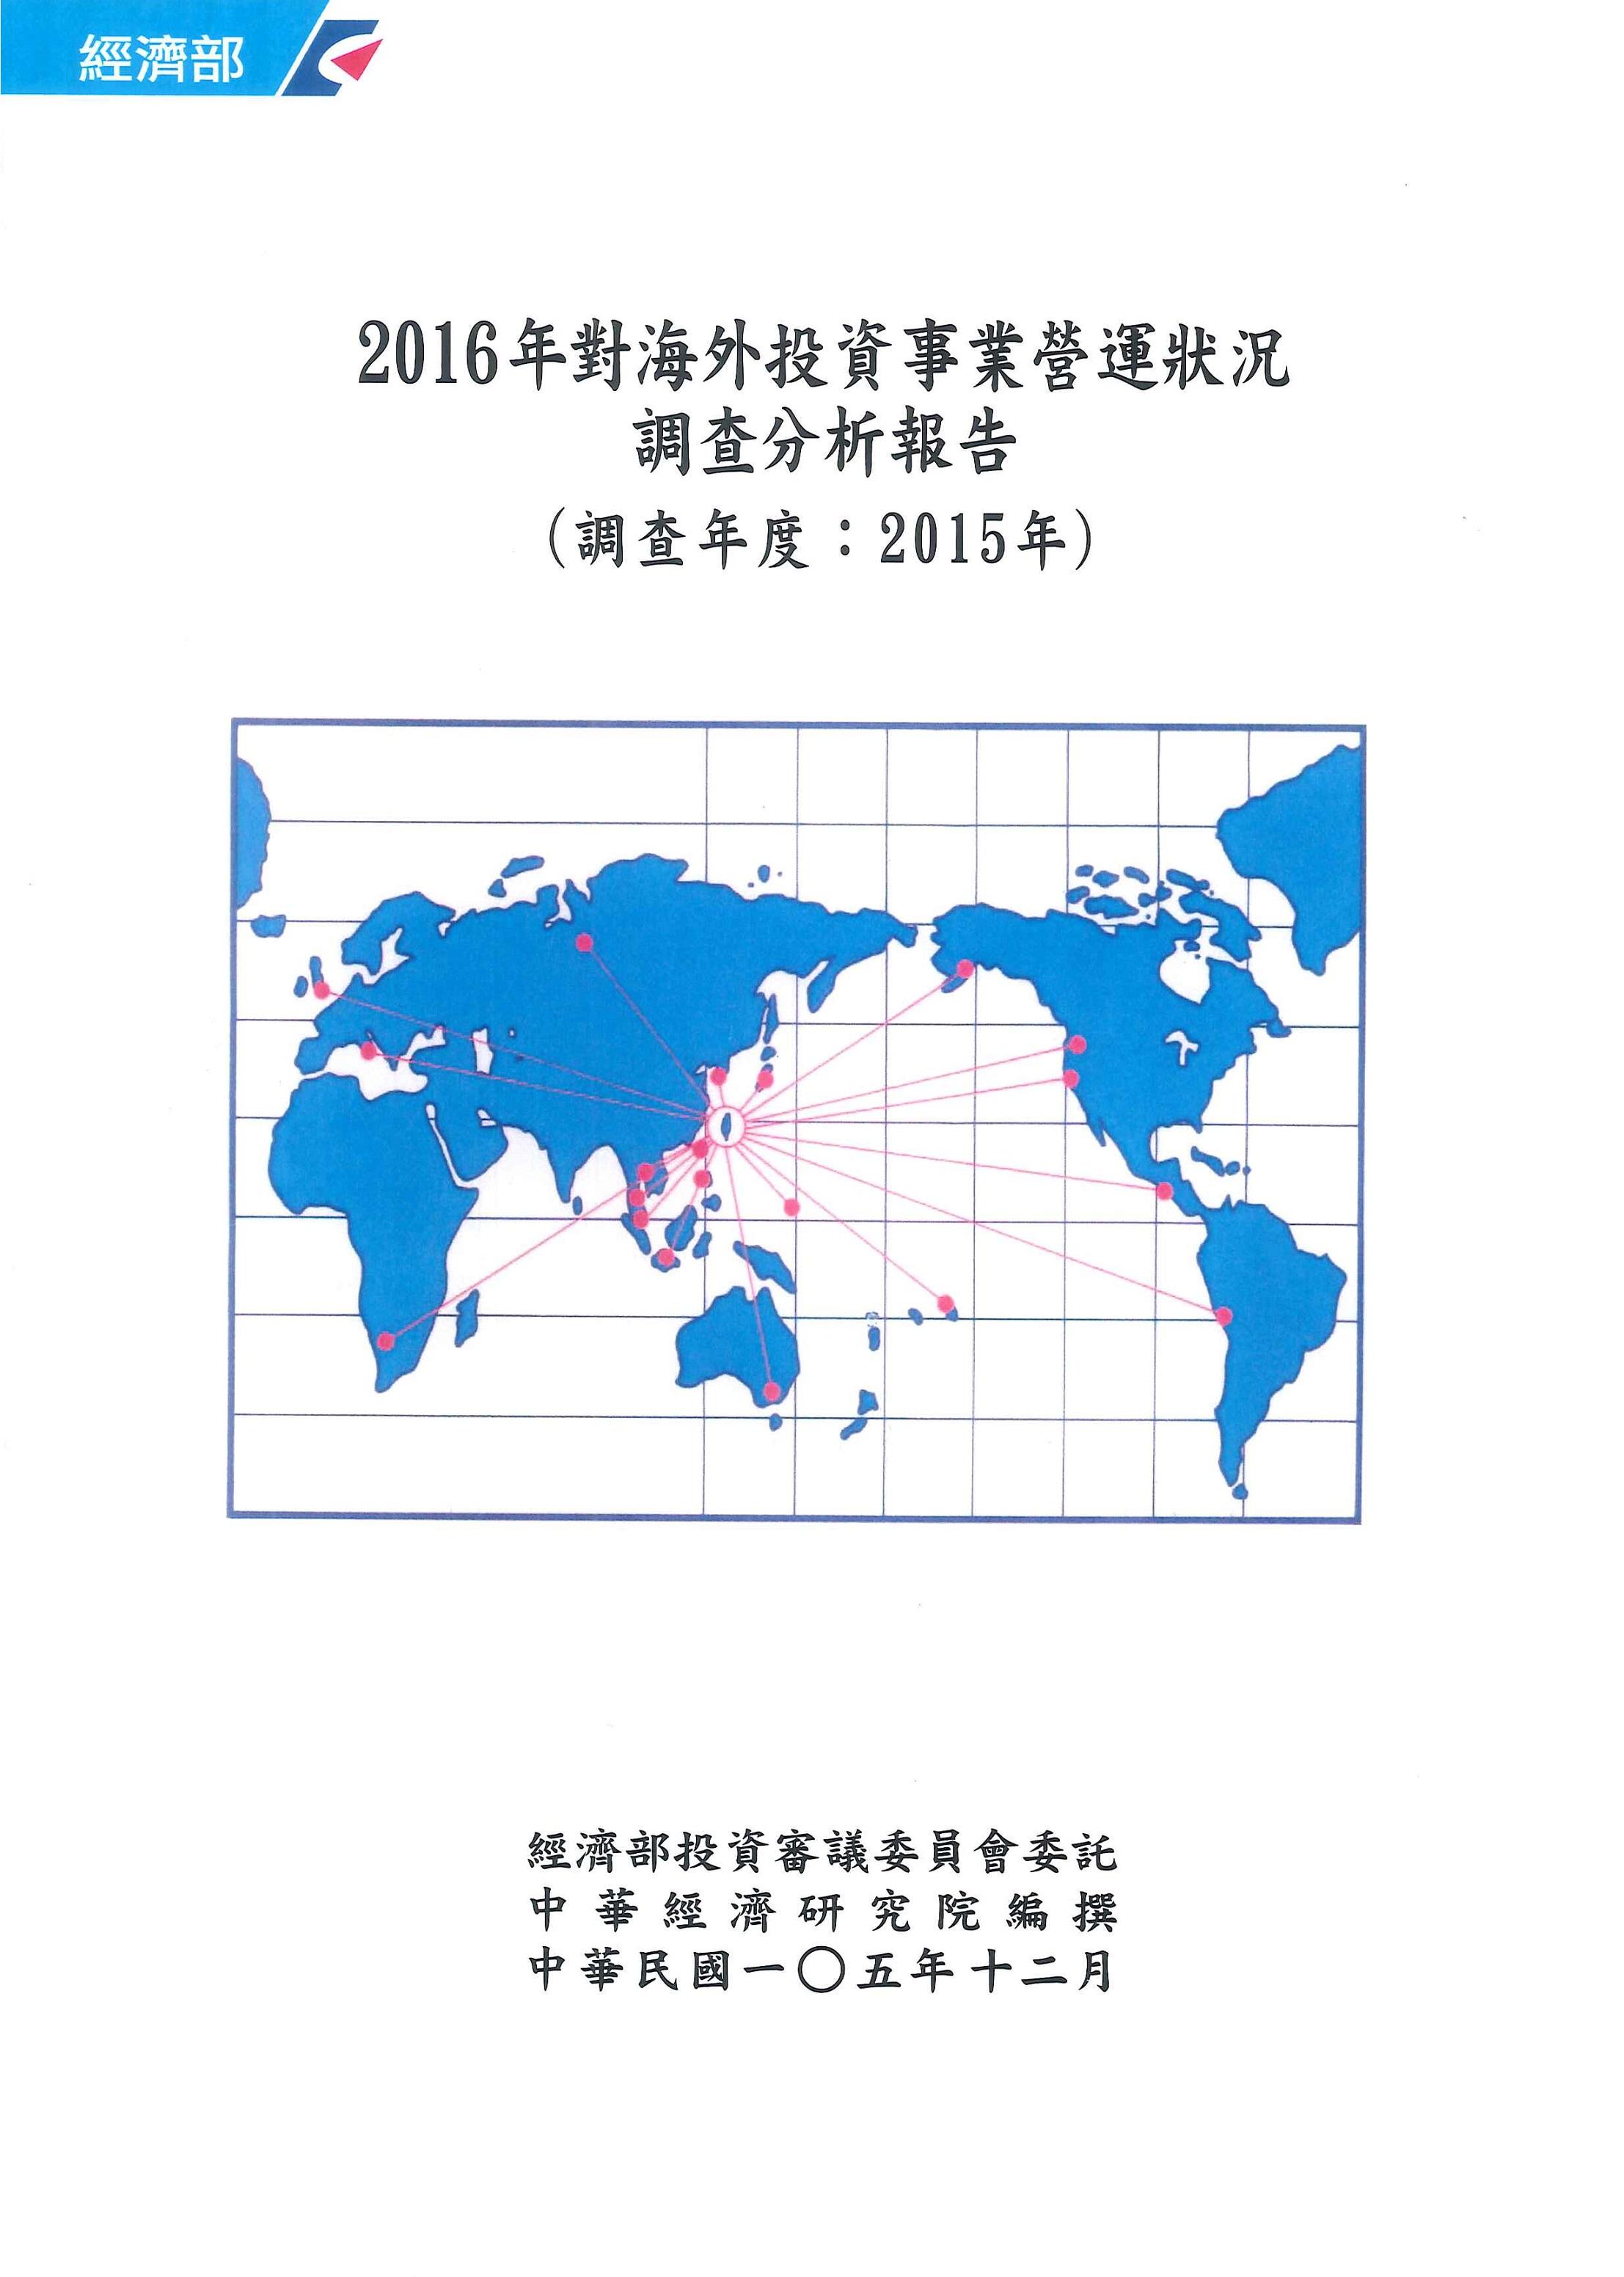 對海外投資事業營運狀況調查分析報告